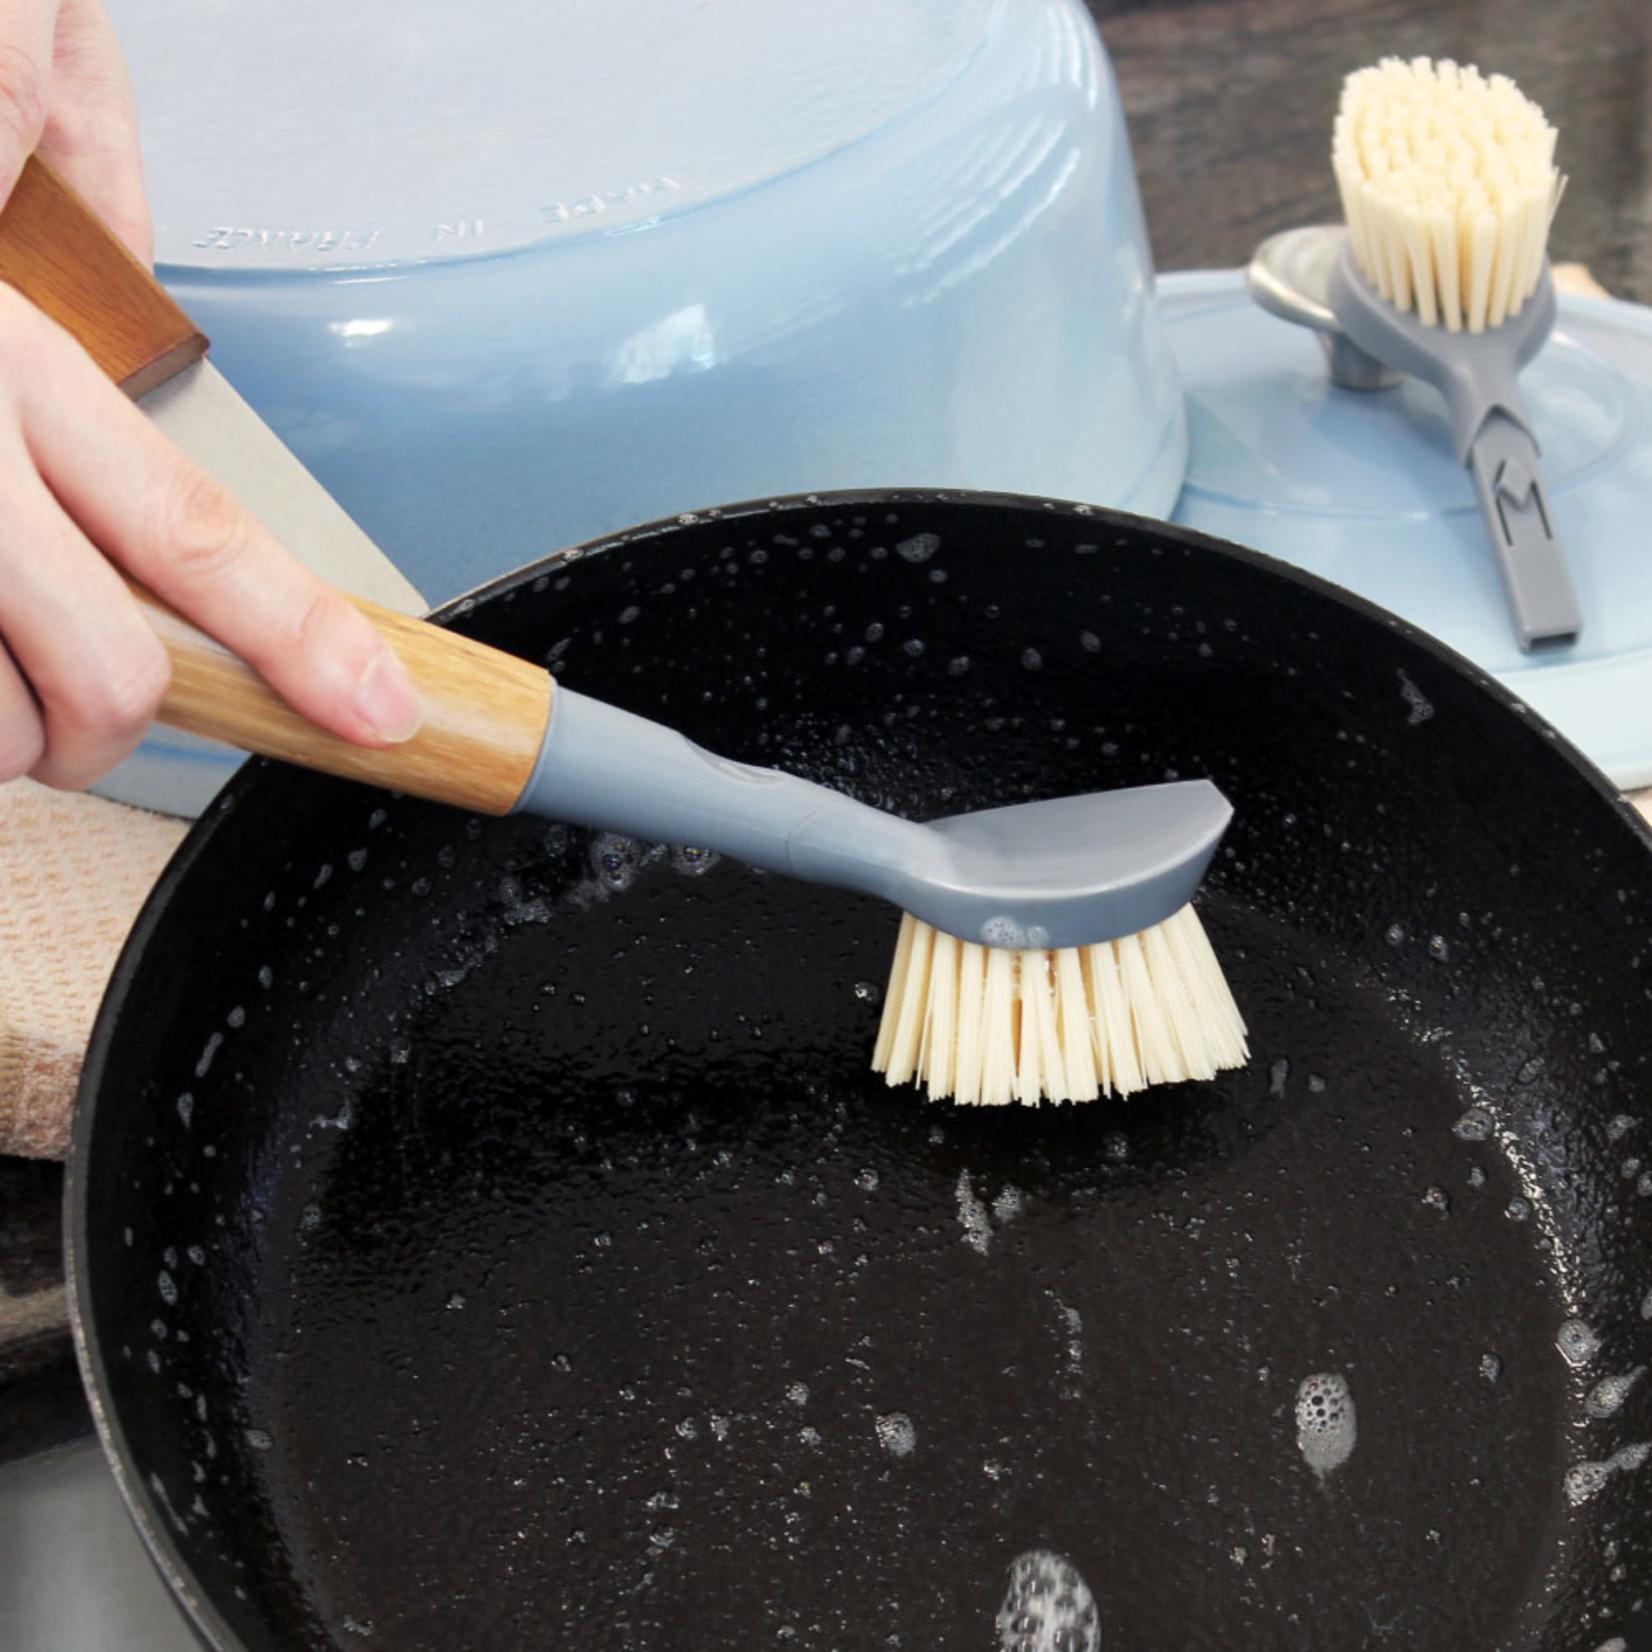 Eco Basics Eco Basics Dish Brush Replaceable